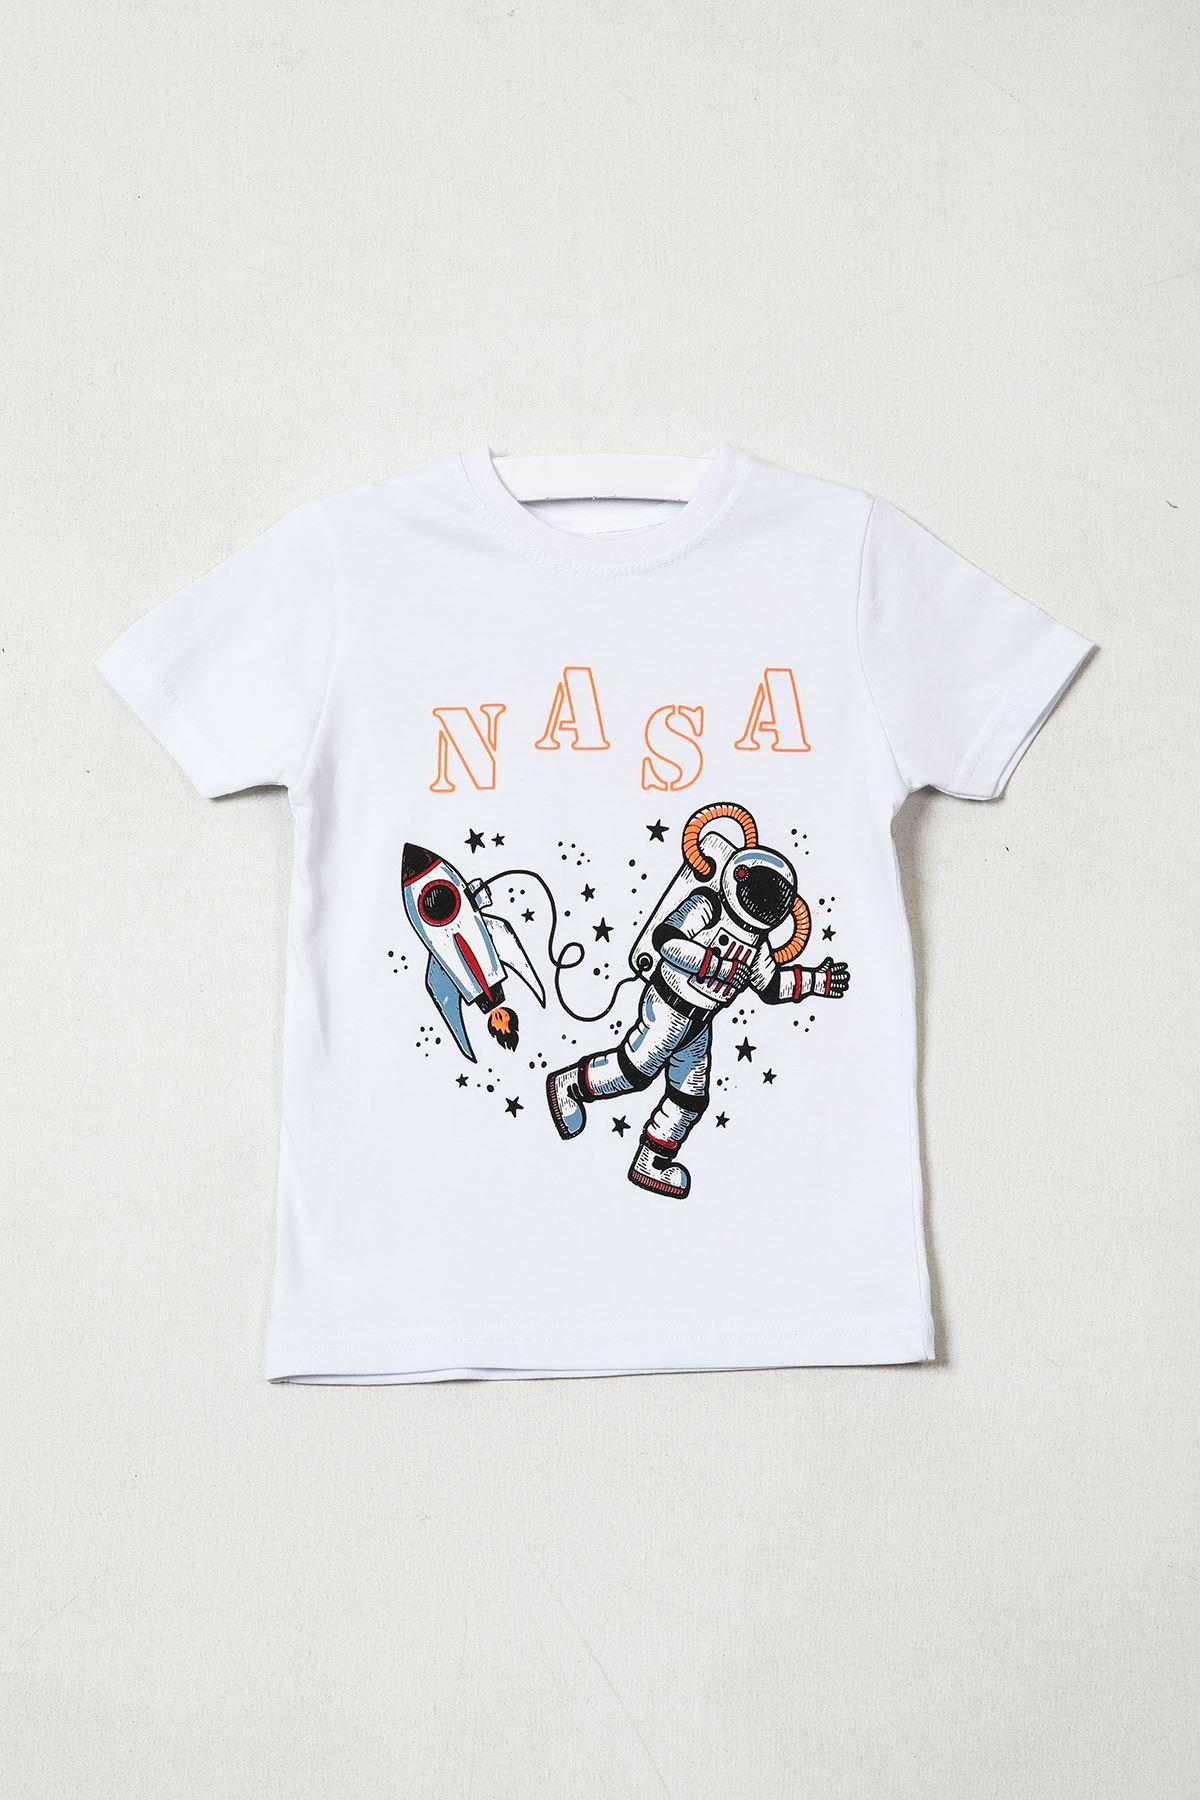 Nasa Baskılı Beyaz T-shirt